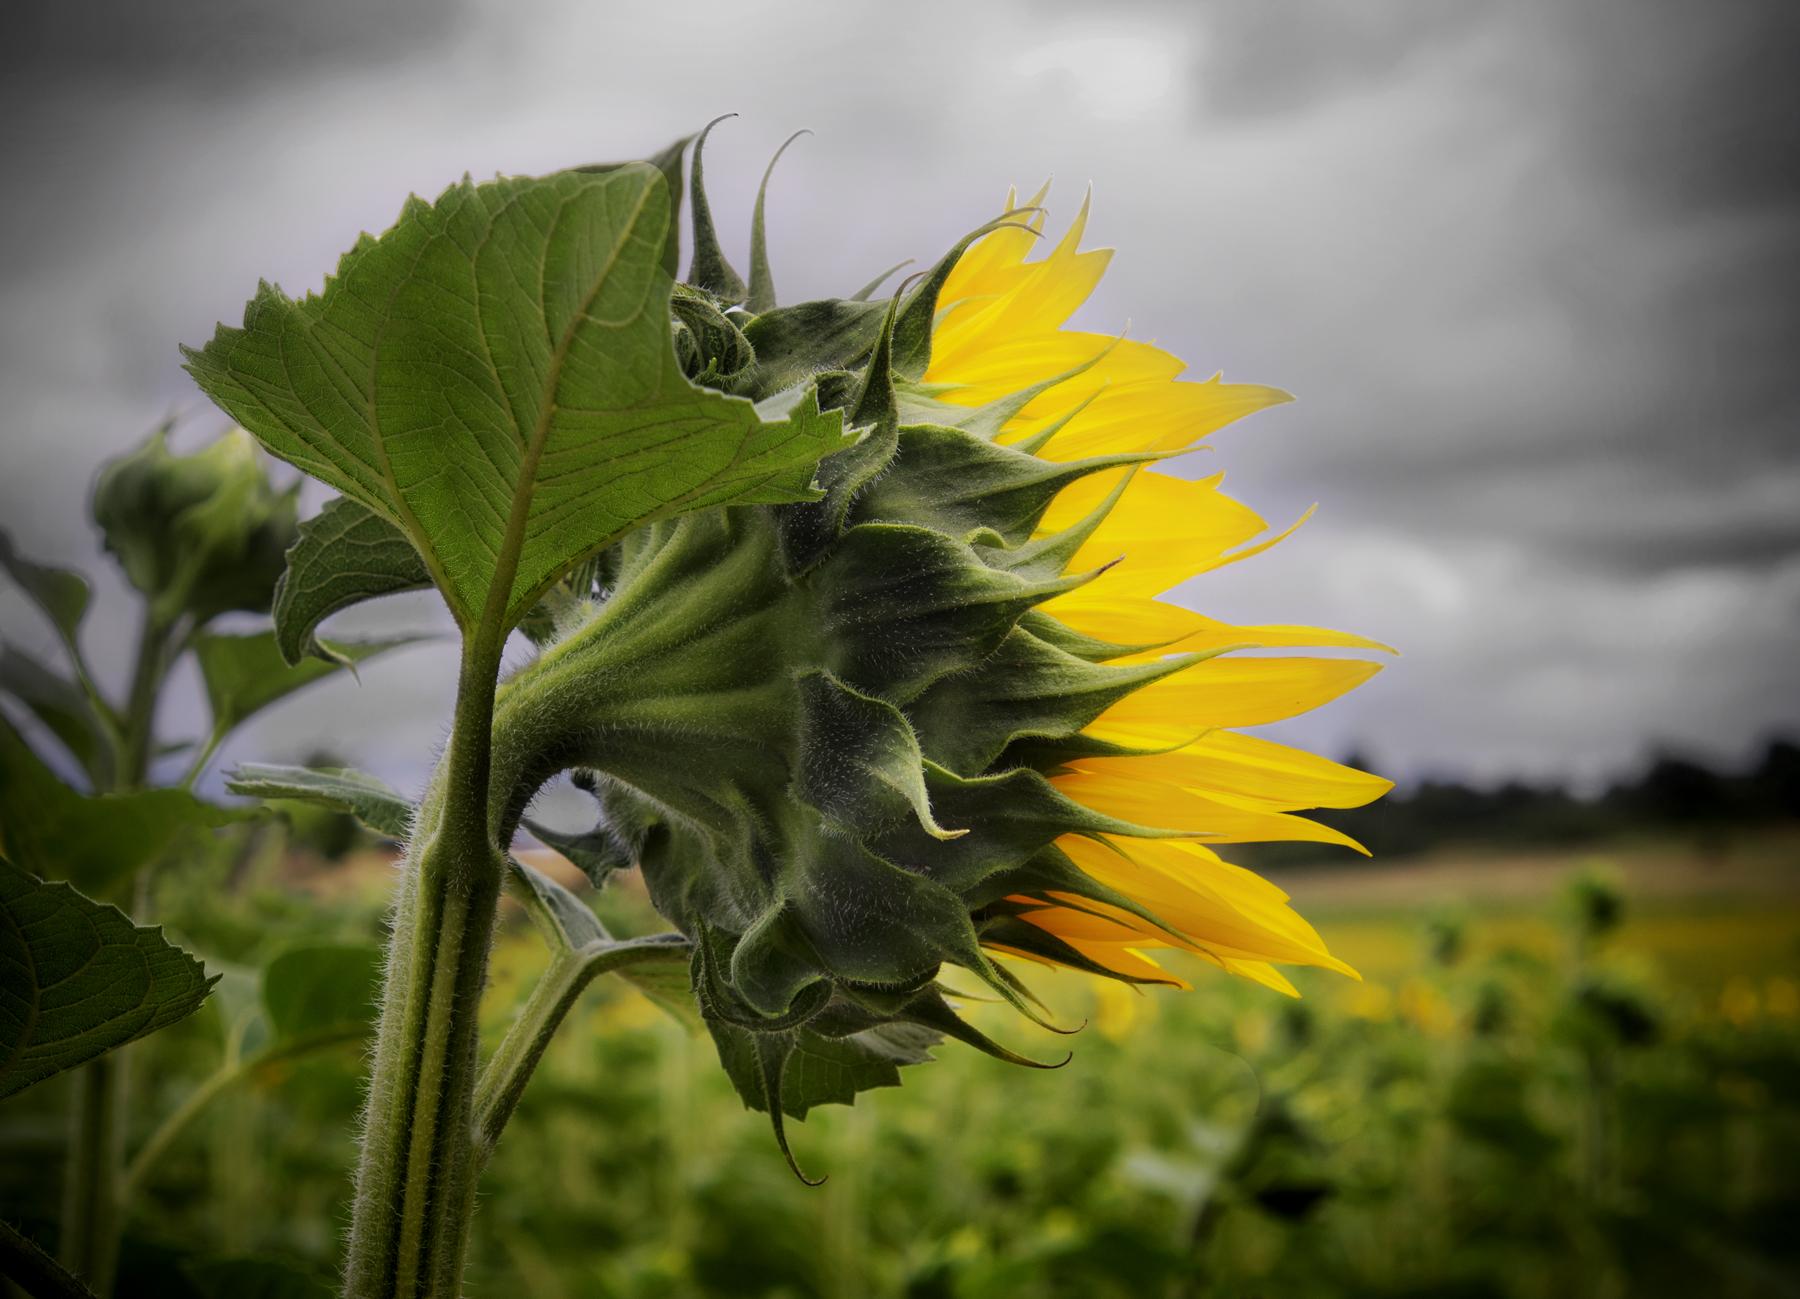 Loire River Valley, Sunflower, John Rosenthal